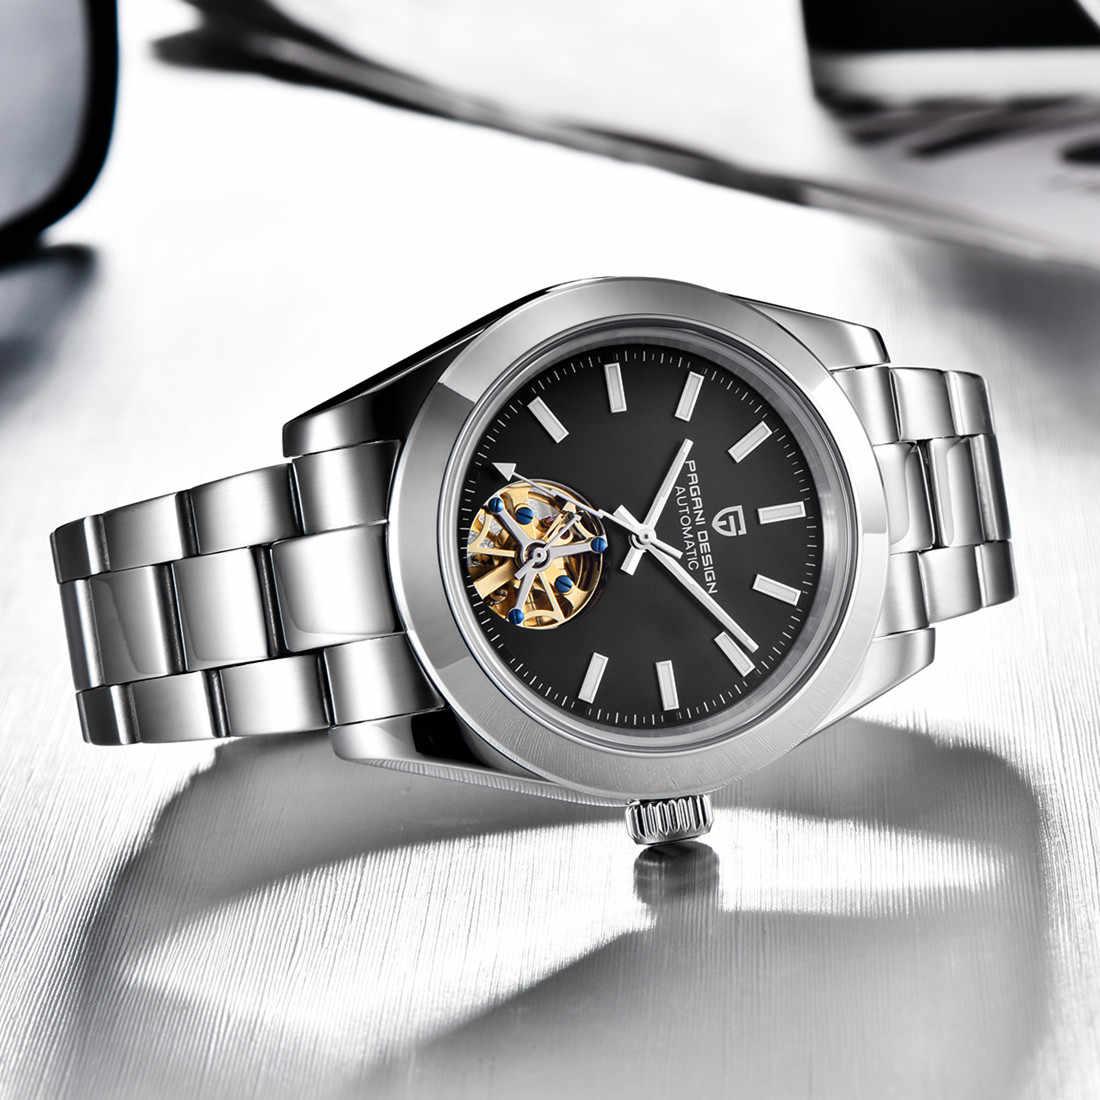 パガーニデザインのメンズトゥールビヨン自動機械式時計ビジネスメンズ腕時計発光防水スチールバンドの腕時計